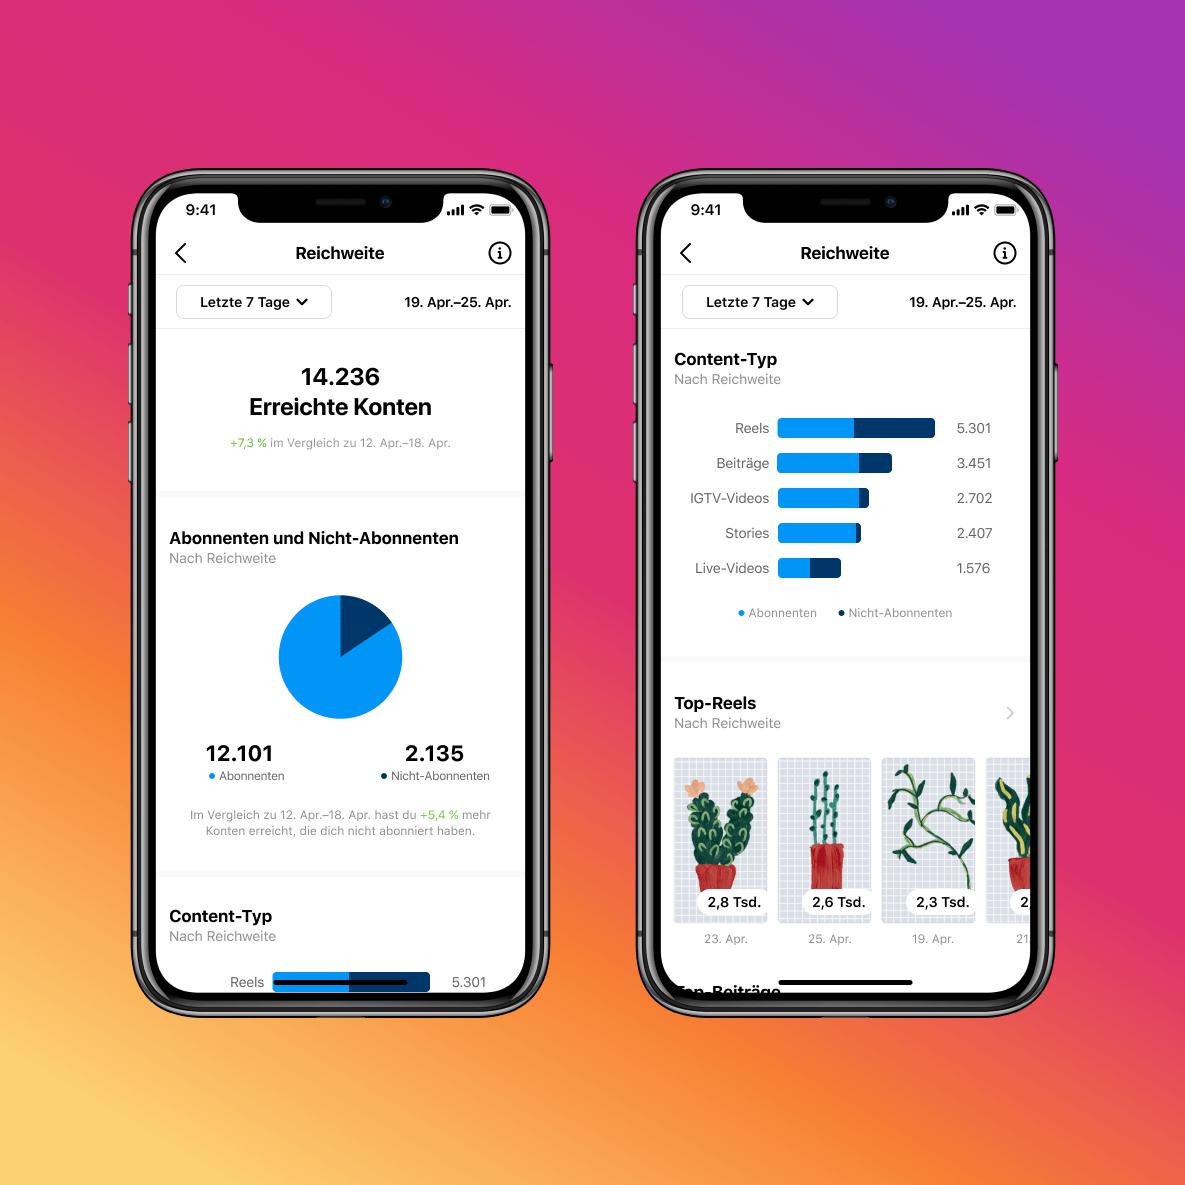 Instagram-Statistiken-Reels-Vergleich-Reichweite